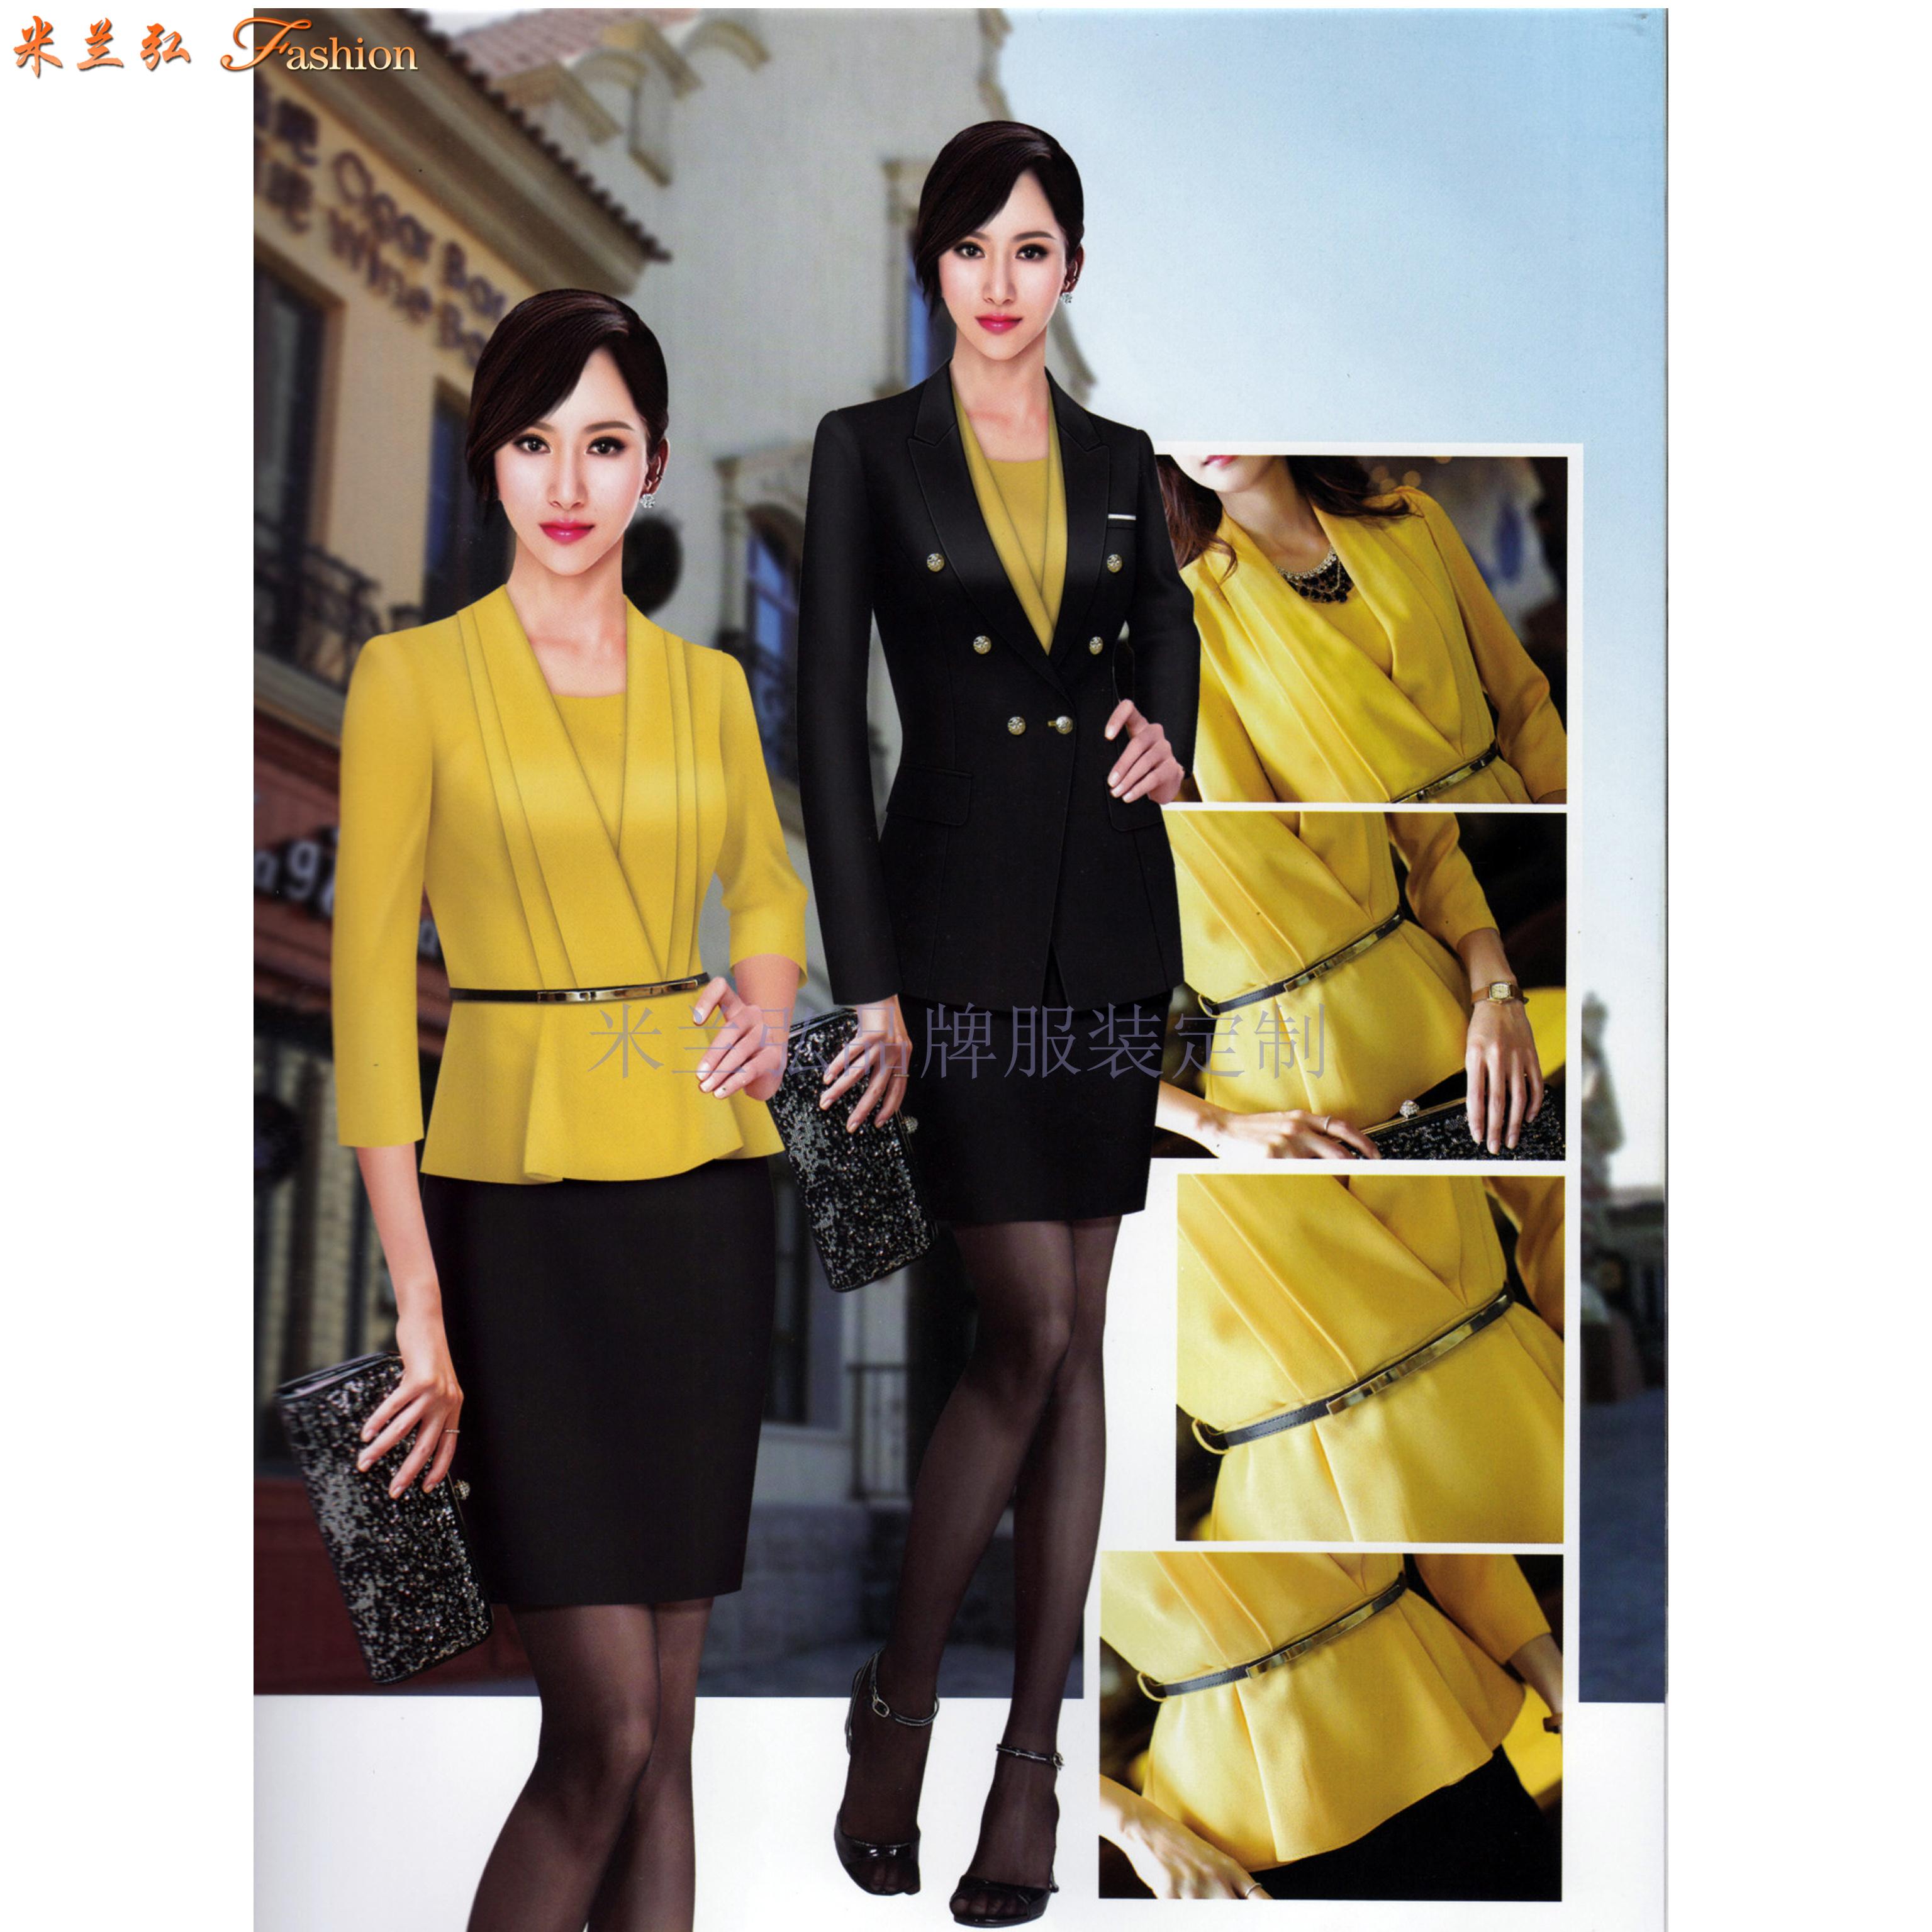 北京高端職業裝定制品牌-米蘭弘公司設計制作職業裝新款女裝圖片-5